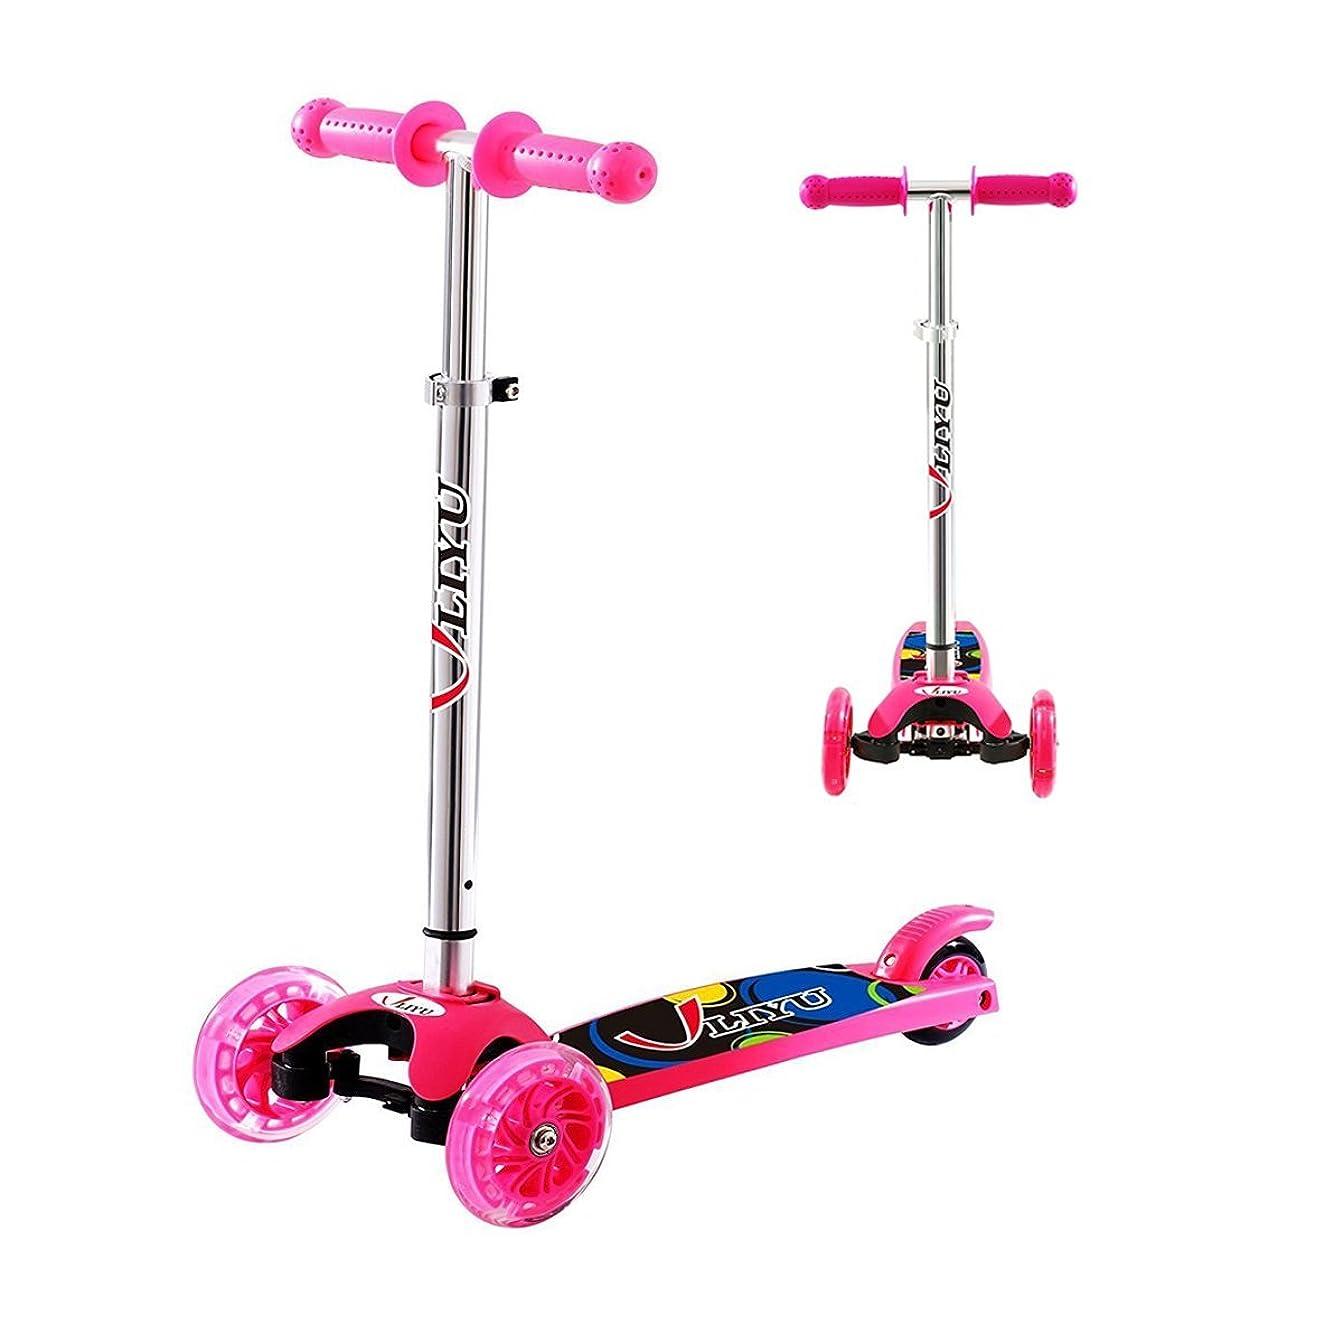 抱擁酒側面LIYU 1281F キックボード キックスクーター 子供 3輪 スケーター キック 光る ホイール タイヤ 4段階調節 後輪ブレーキ 軽量イージー 外遊び ギフトに最適【 ピンク、ブル—】